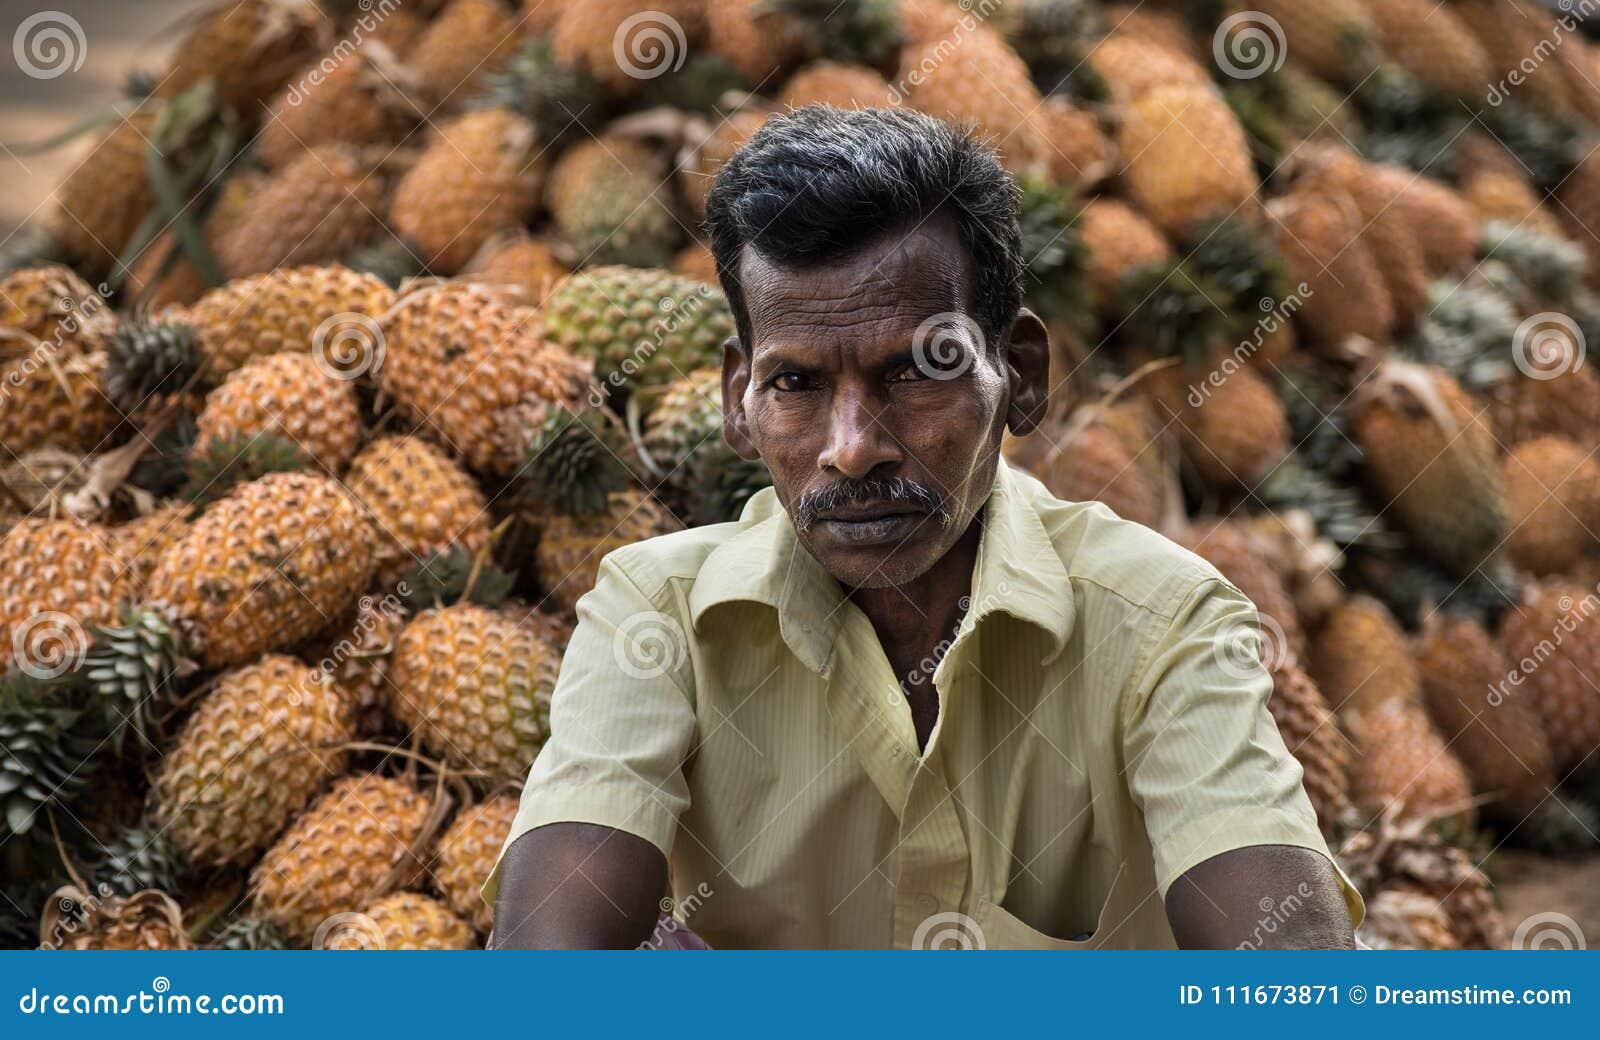 Piña que cosecha en Kerala